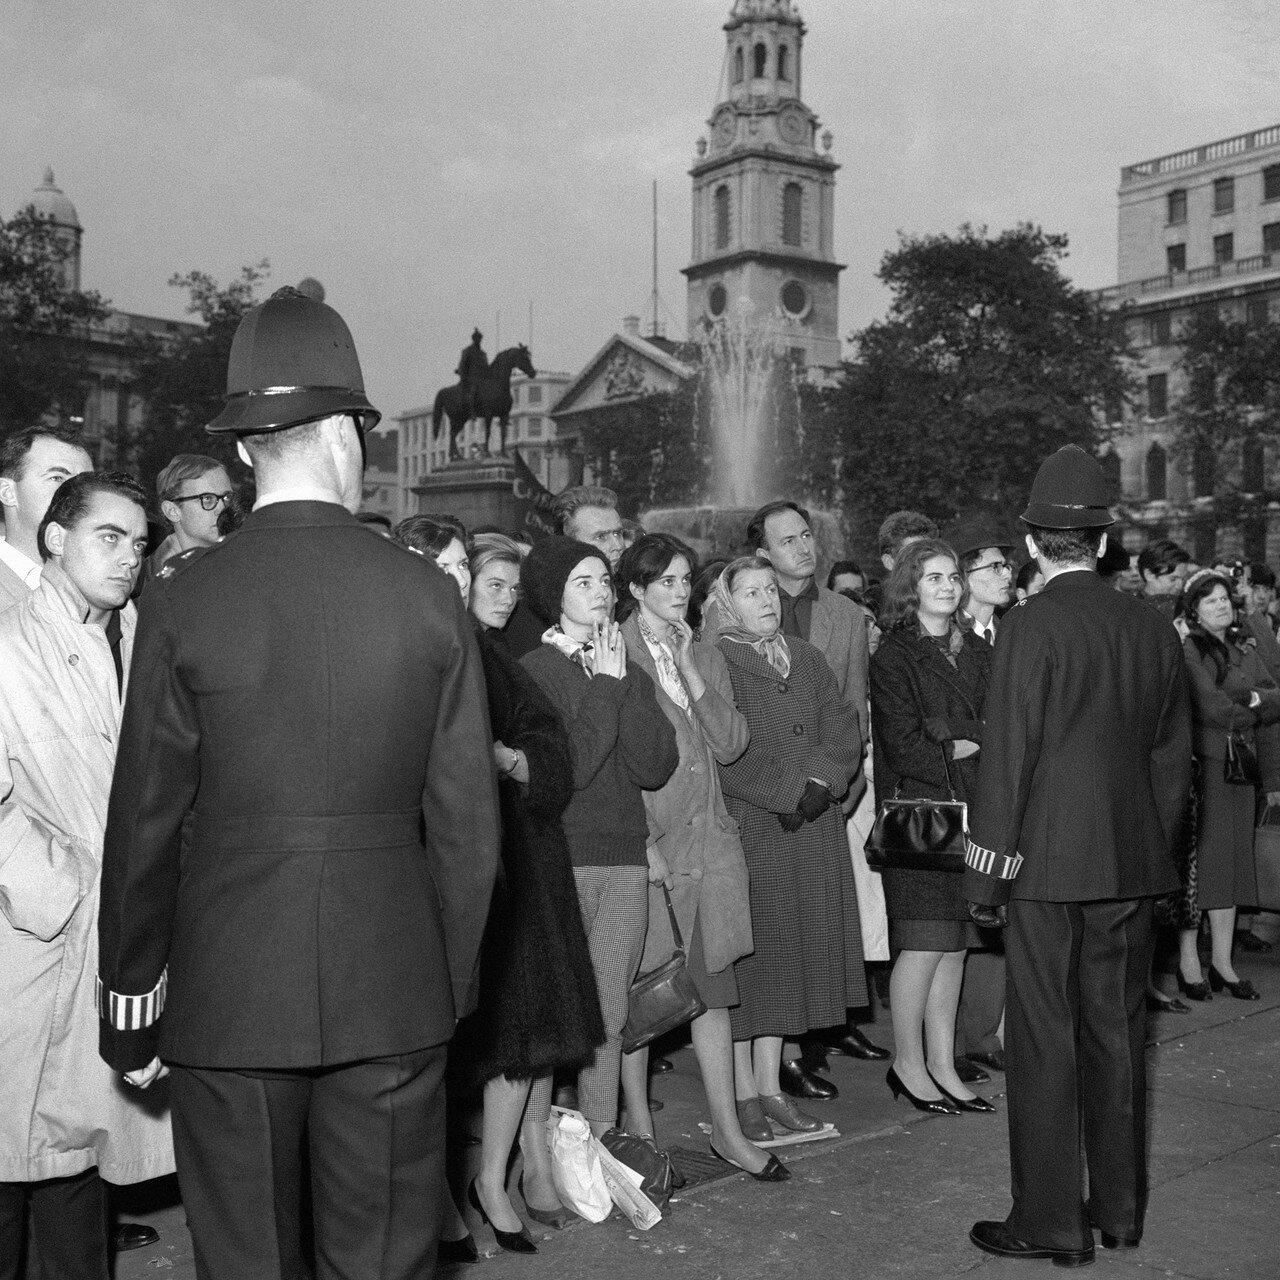 1961. 29 октября. Полиция на митинге протеста, организованном Комитетом 100  на Трафальгарской площади